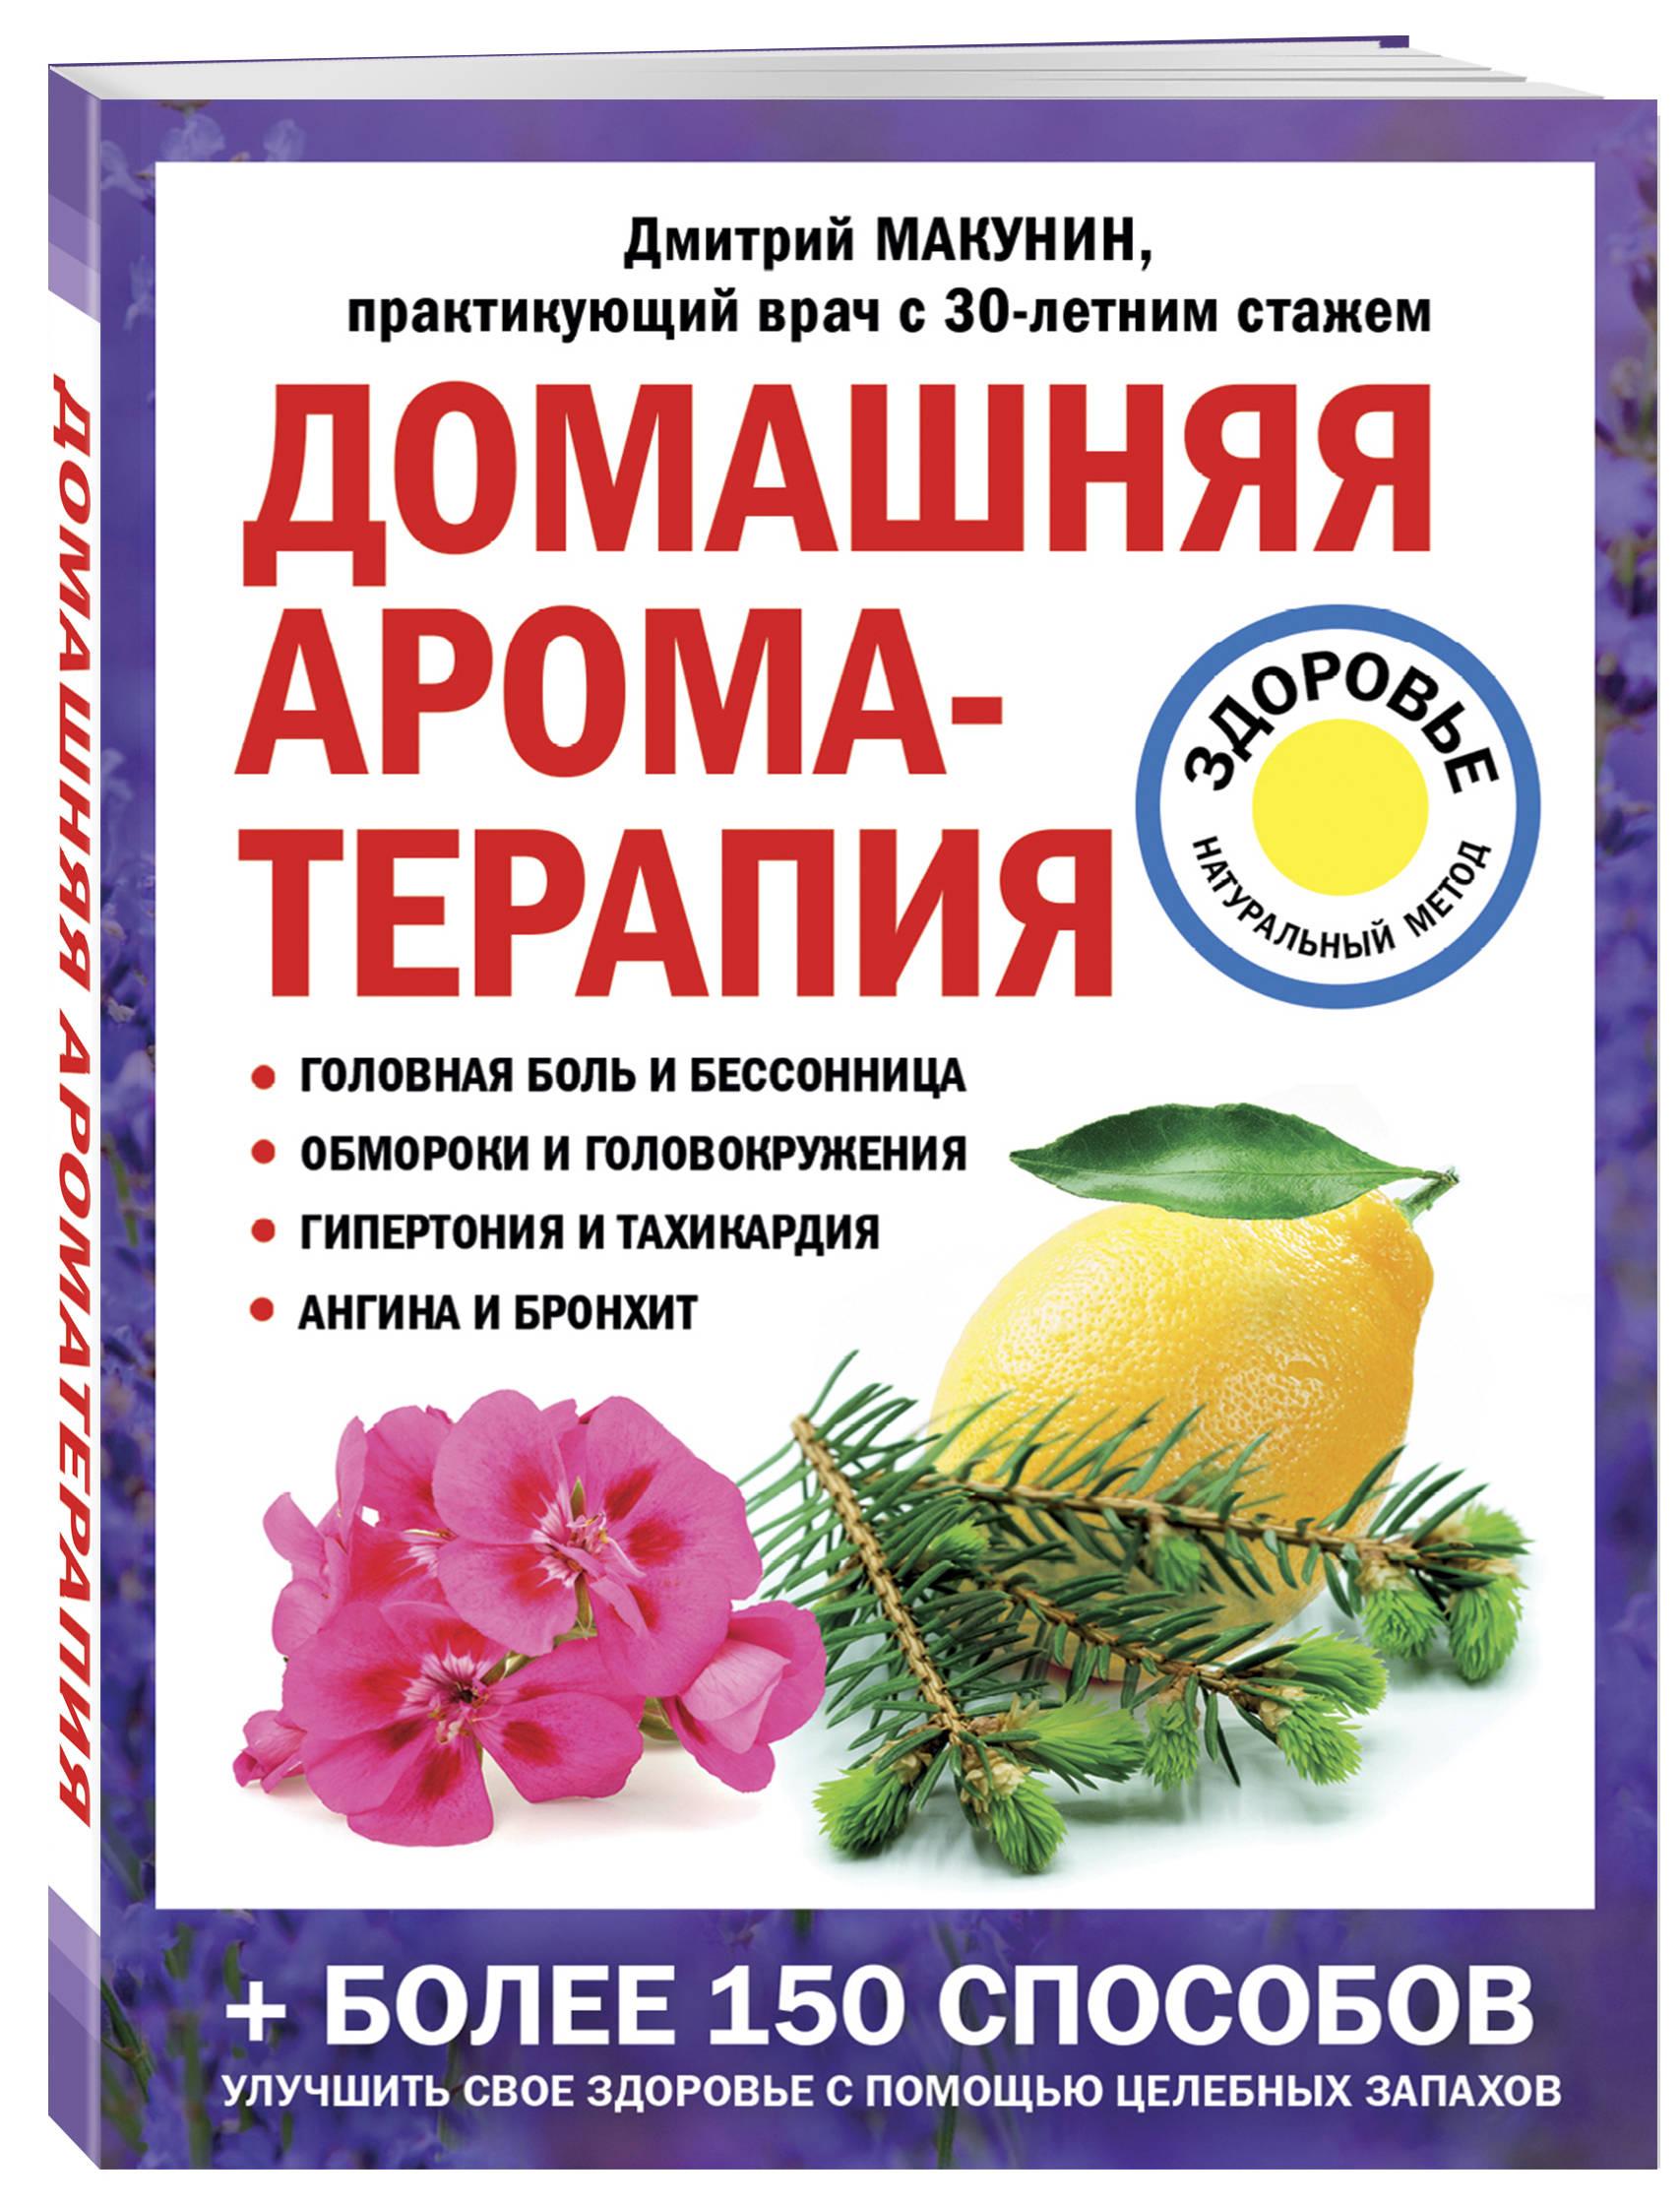 Домашняя ароматерапия ( Макунин Дмитрий Александрович  )